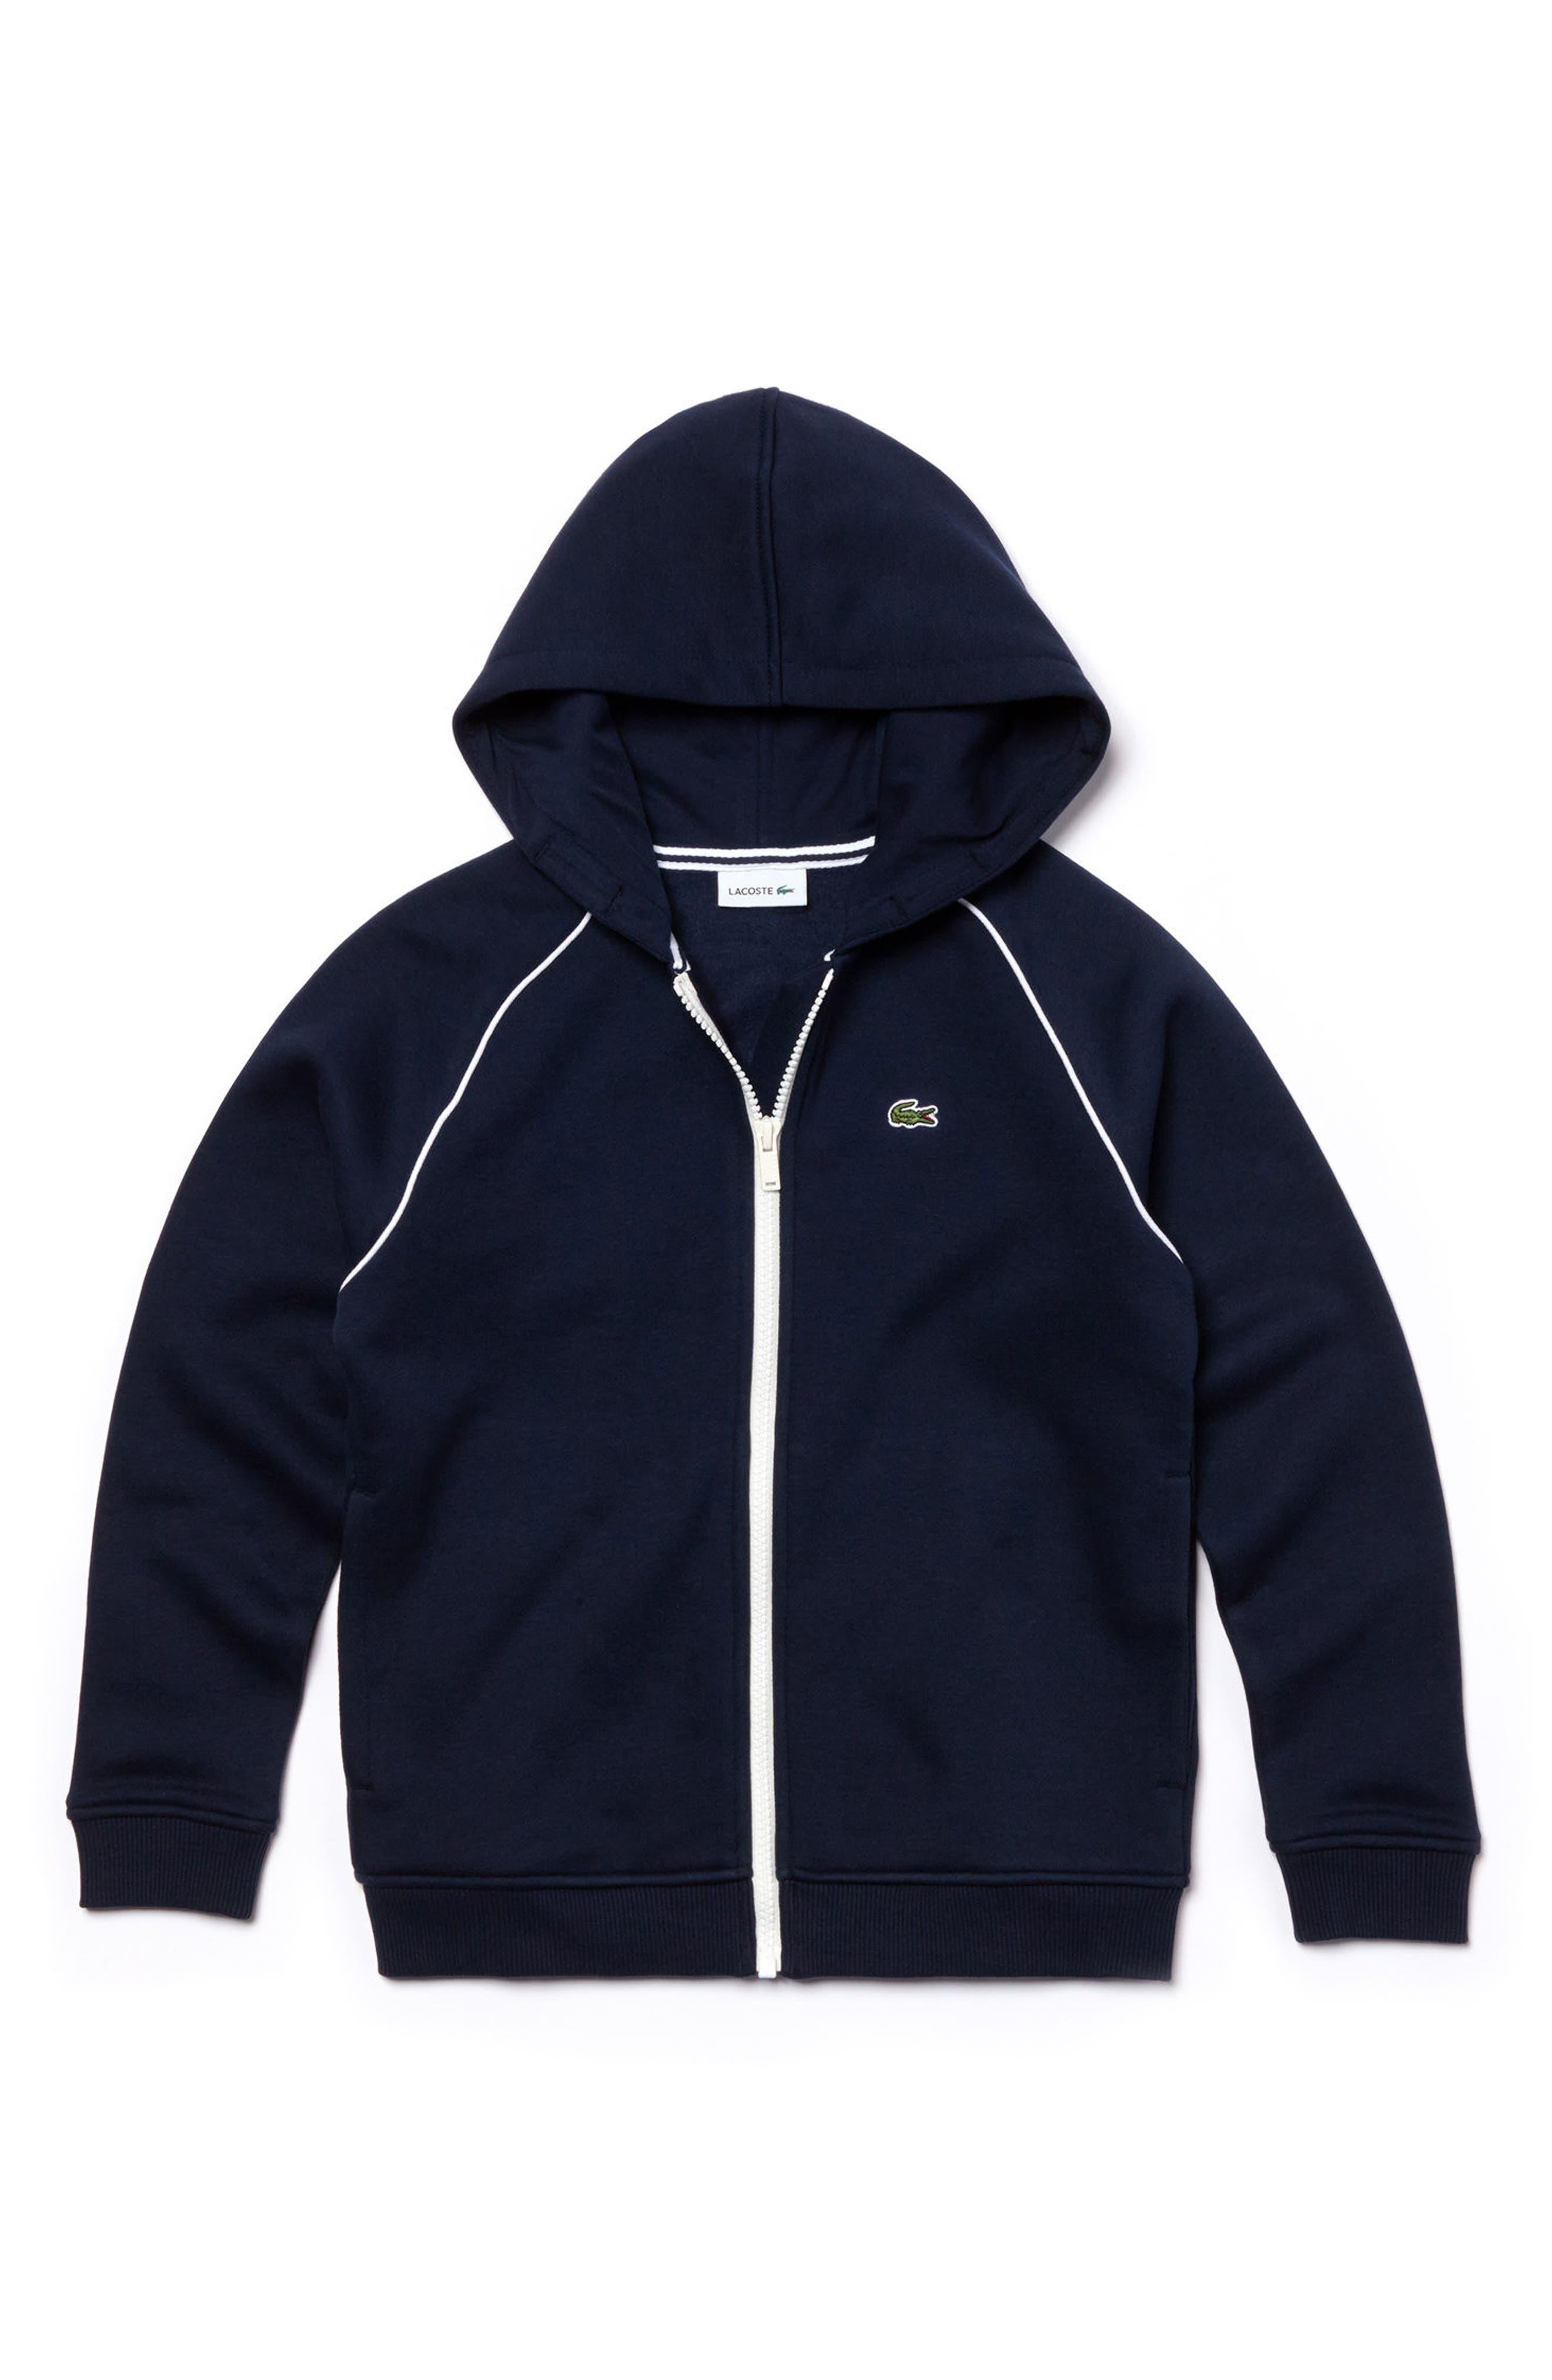 Full Zip Hoodie,                         Main,                         color, Navy Blue/ White